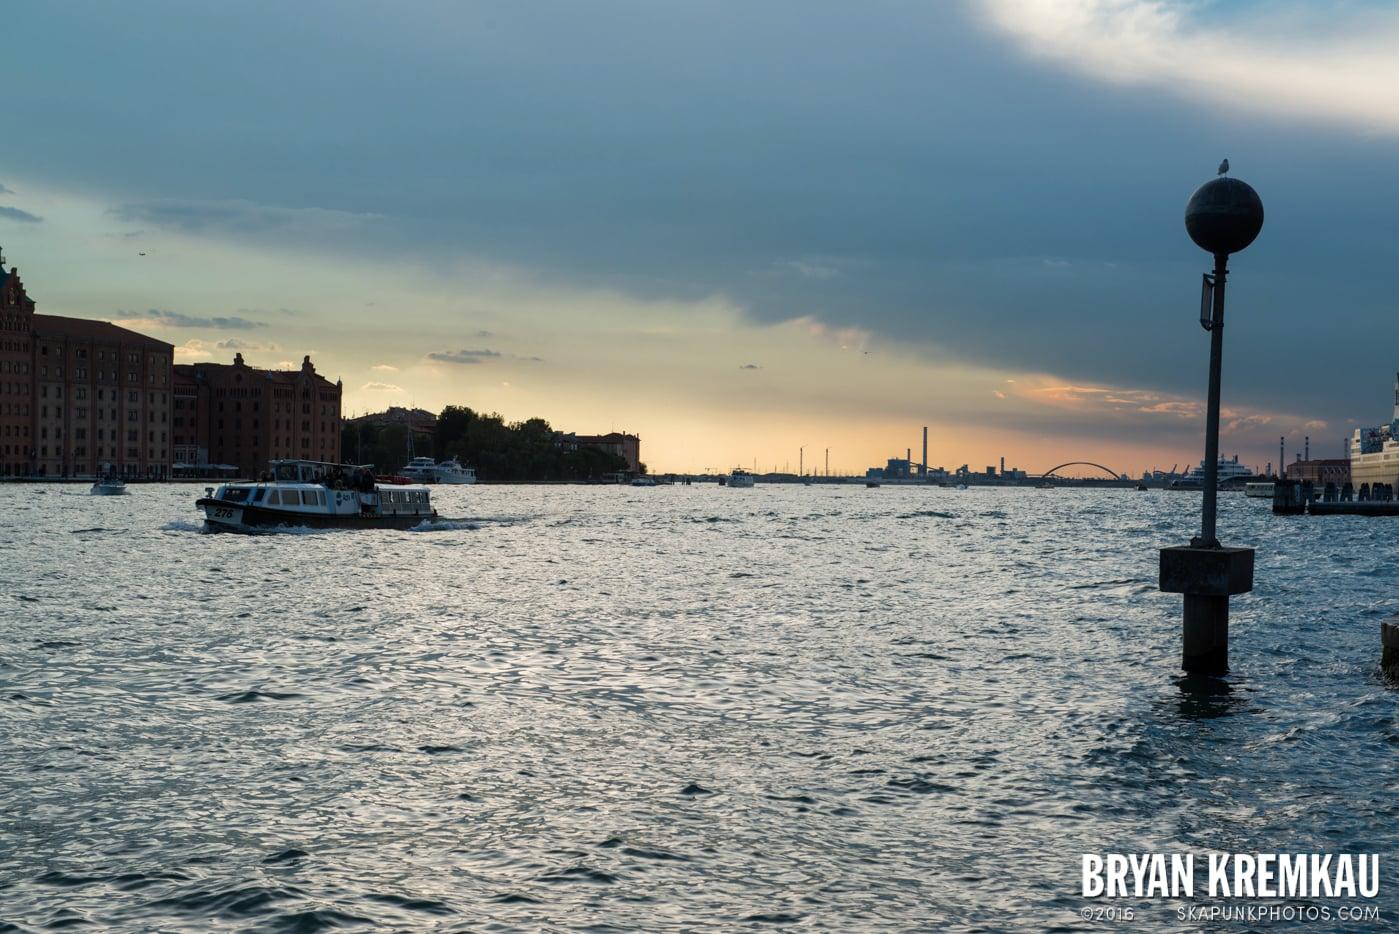 Italy Vacation - Day 4: Venice - 9.12.13 (20)